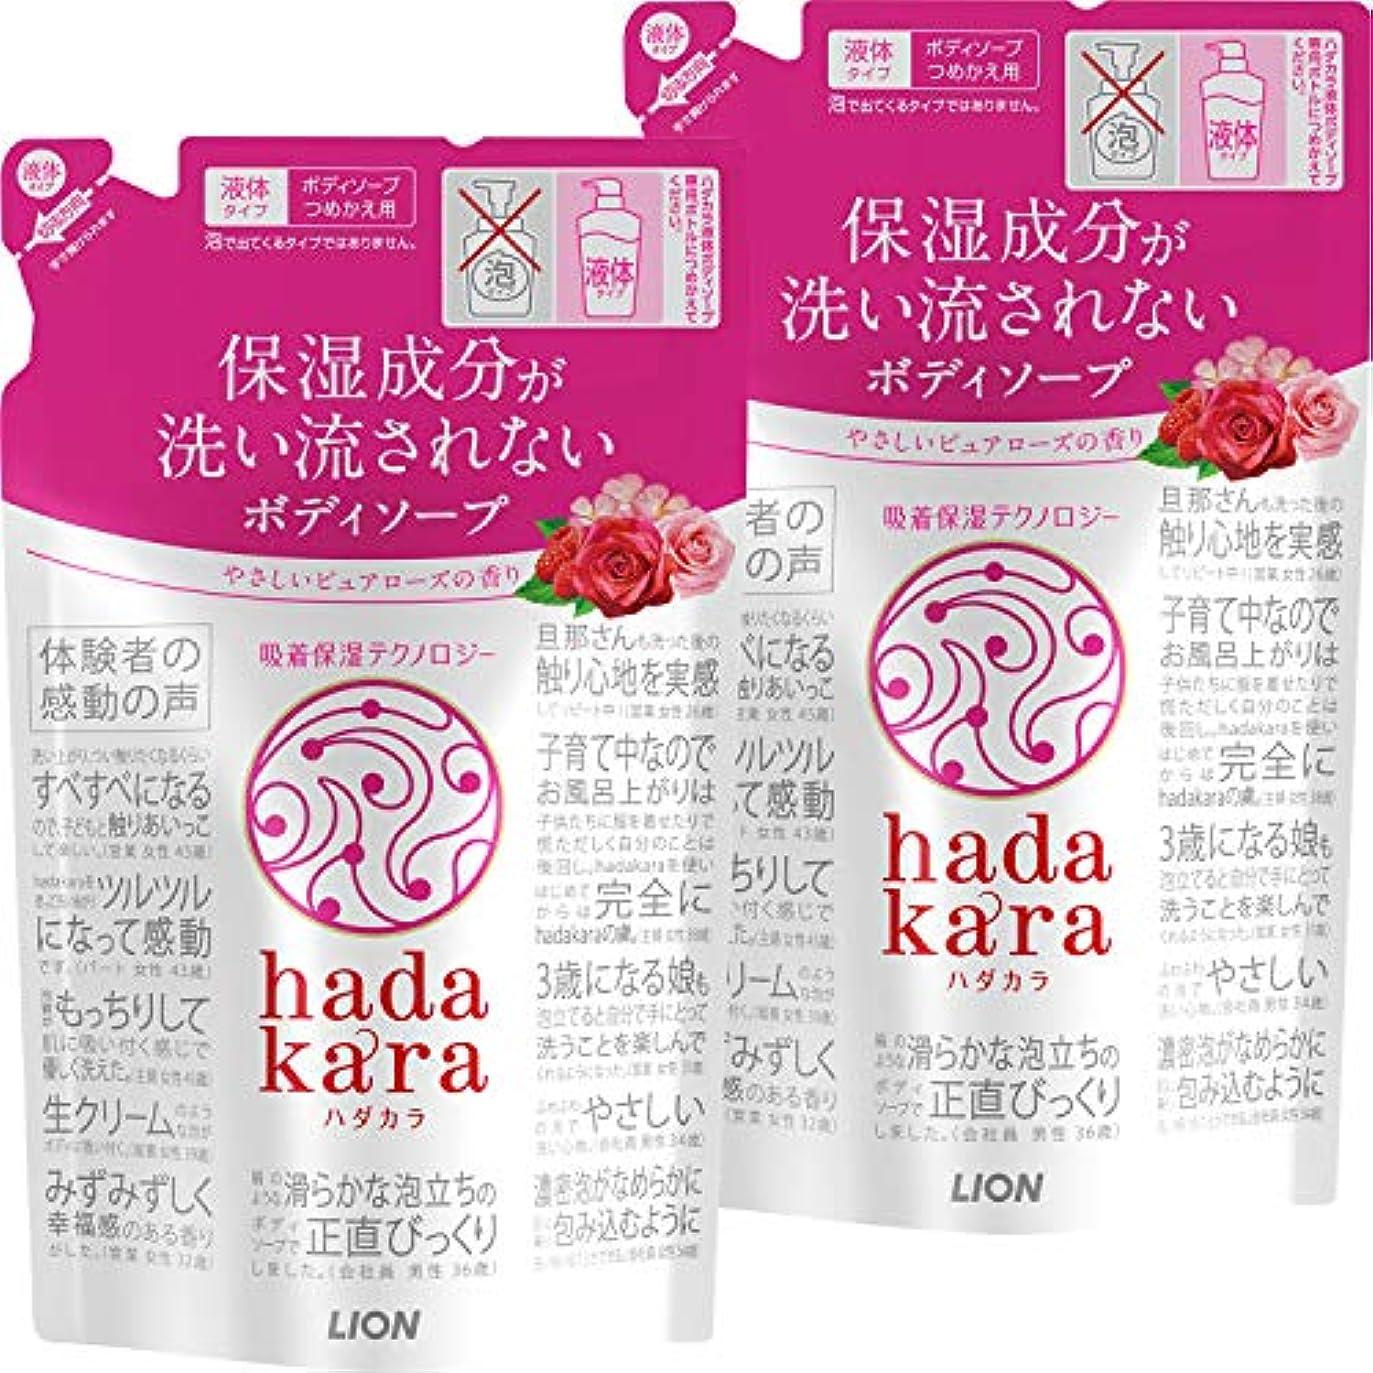 研究より平らな野ウサギ【まとめ買い】hadakara(ハダカラ) ボディソープ ピュアローズの香り 詰め替え 360ml×2個パック